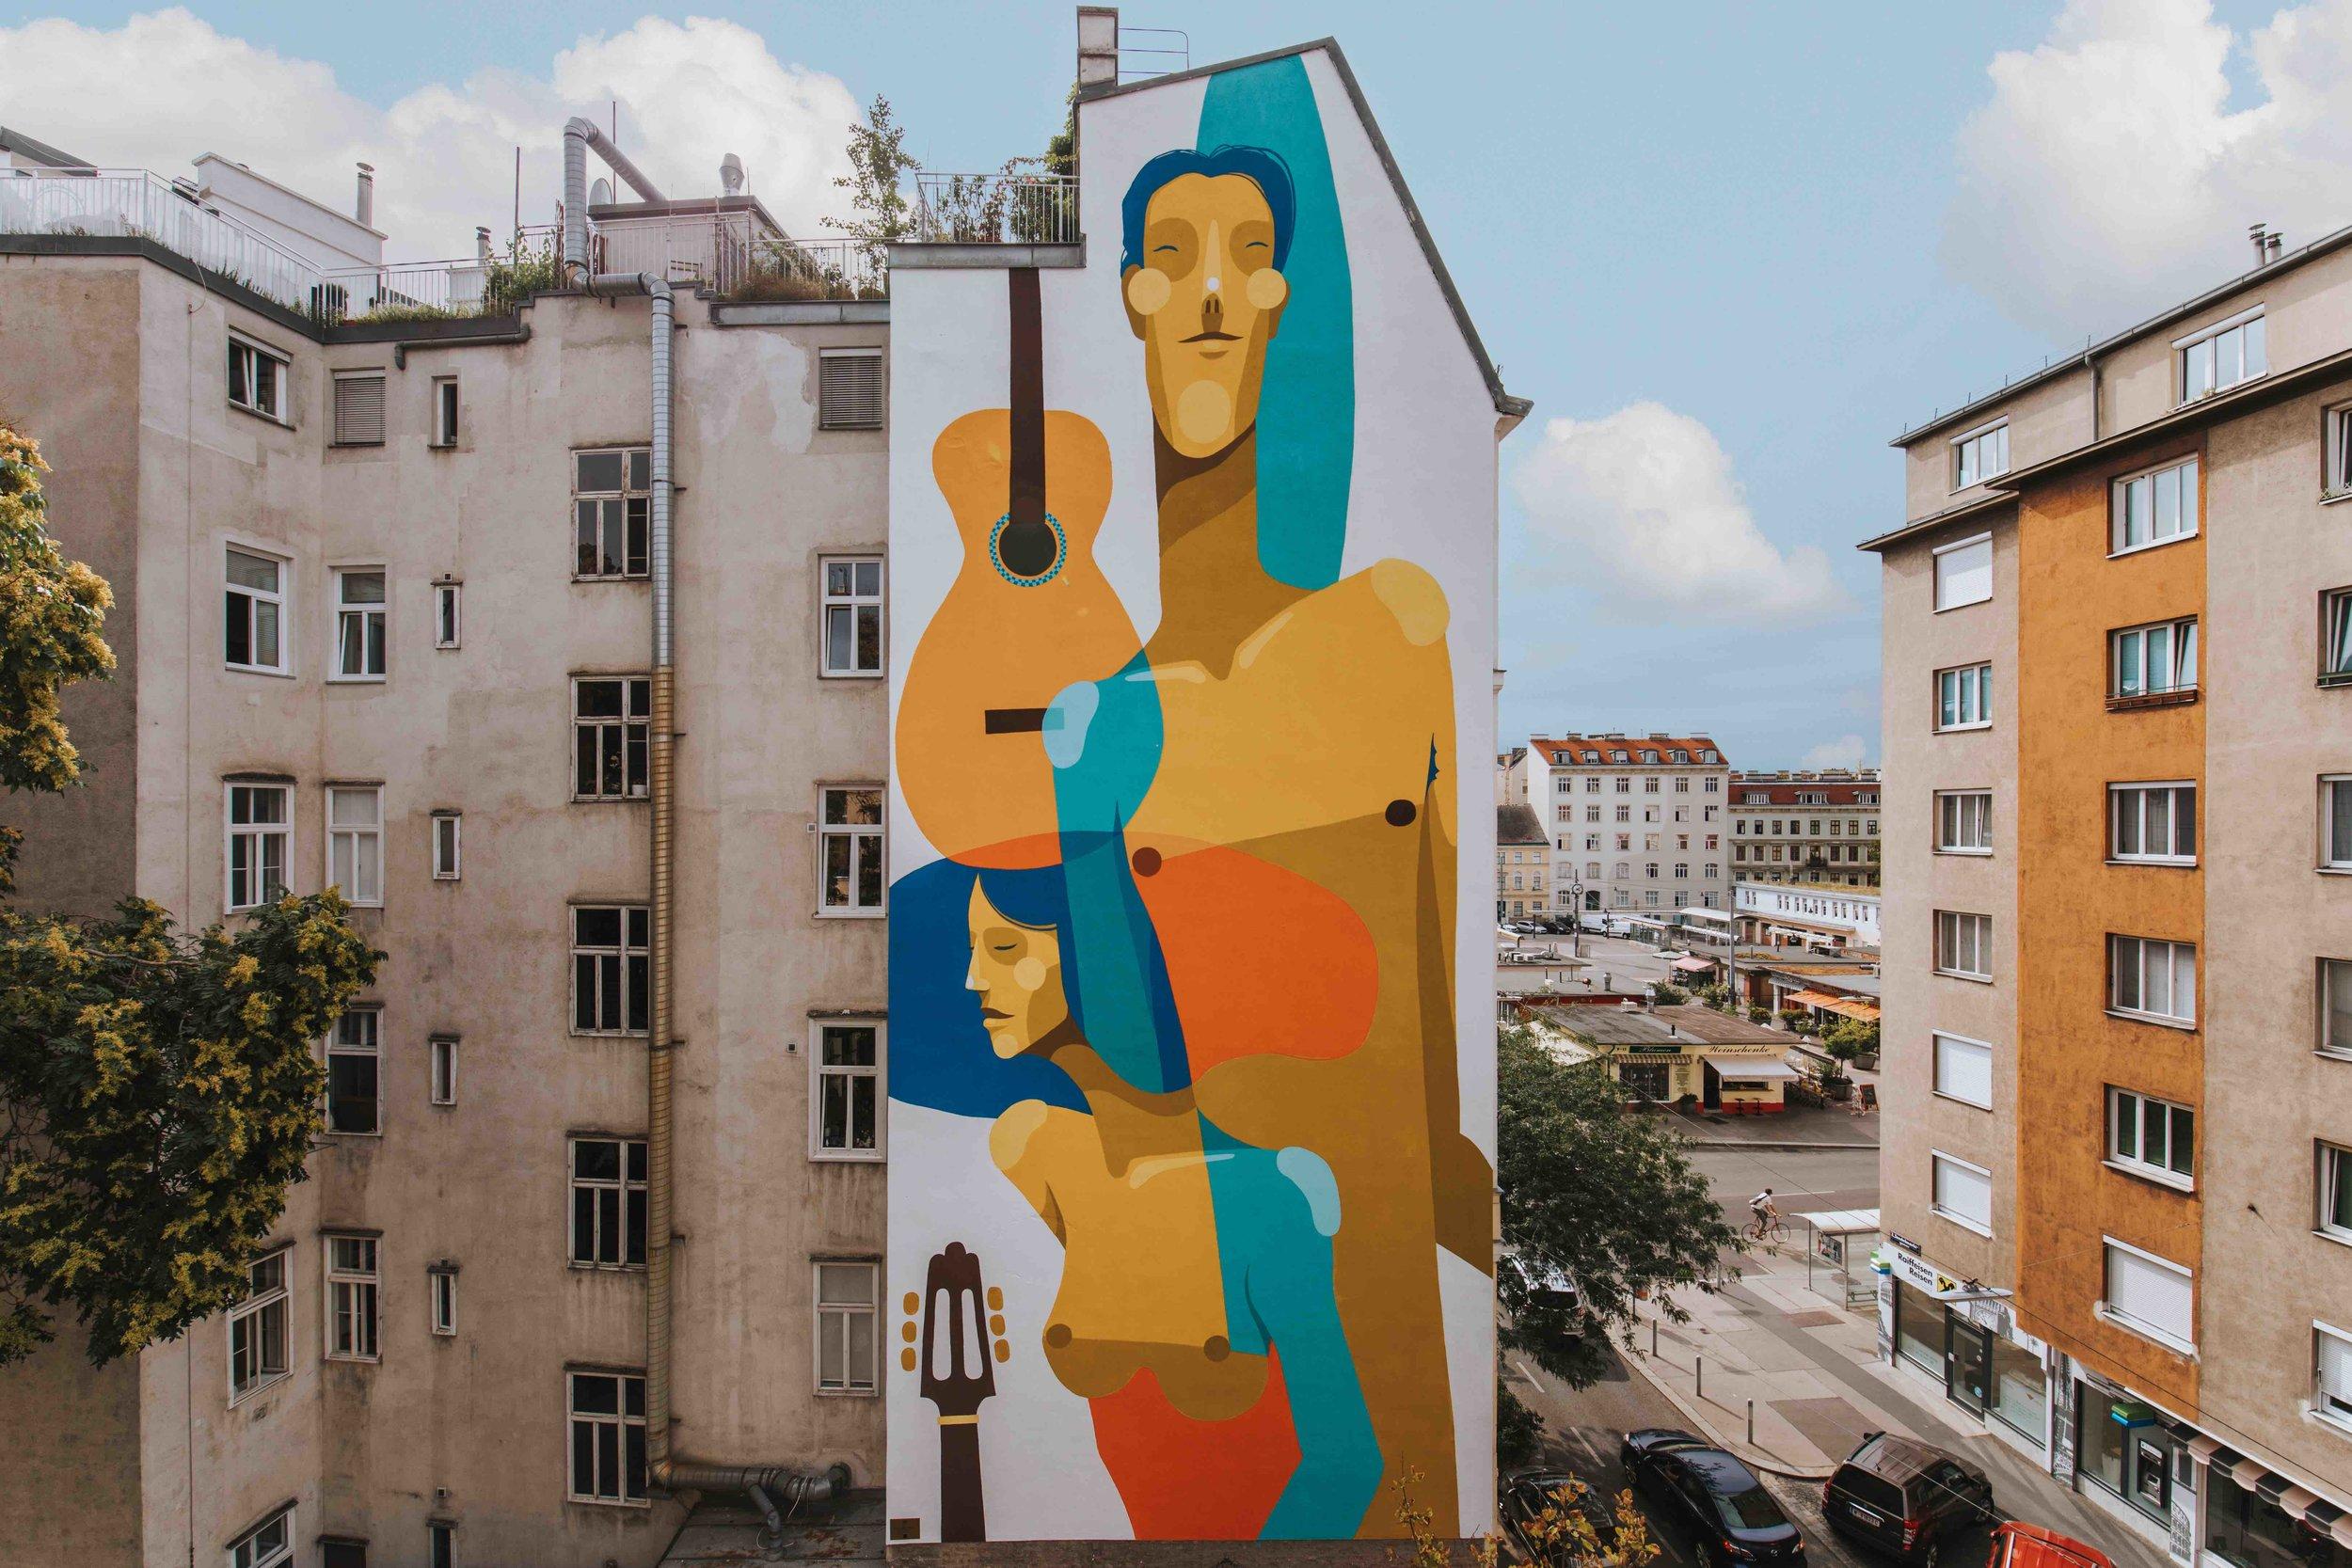 5 years of calle libre - Zësar Bahamonte, Calle Libre 2018